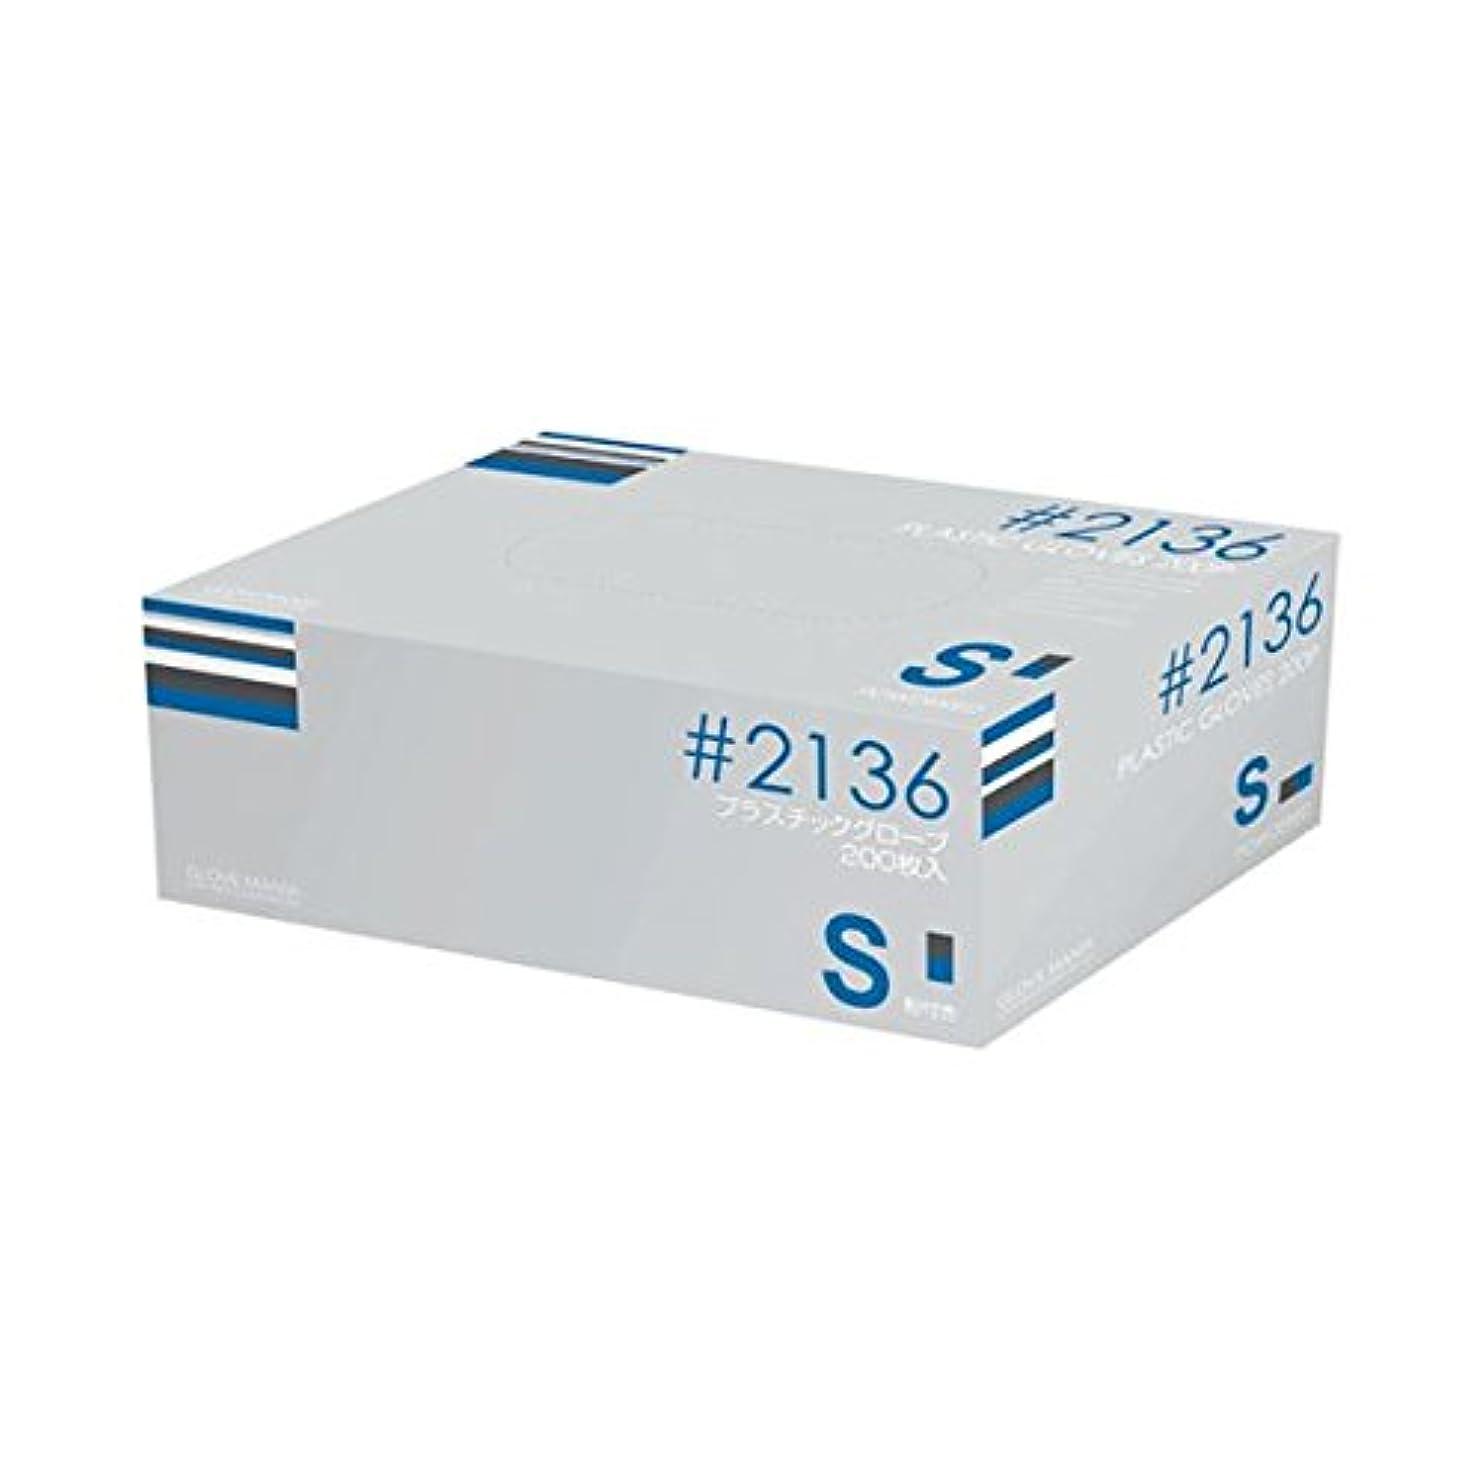 等一貫性のない直立川西工業 プラスティックグローブ #2136 S 粉付 15箱 ダイエット 健康 衛生用品 その他の衛生用品 14067381 [並行輸入品]